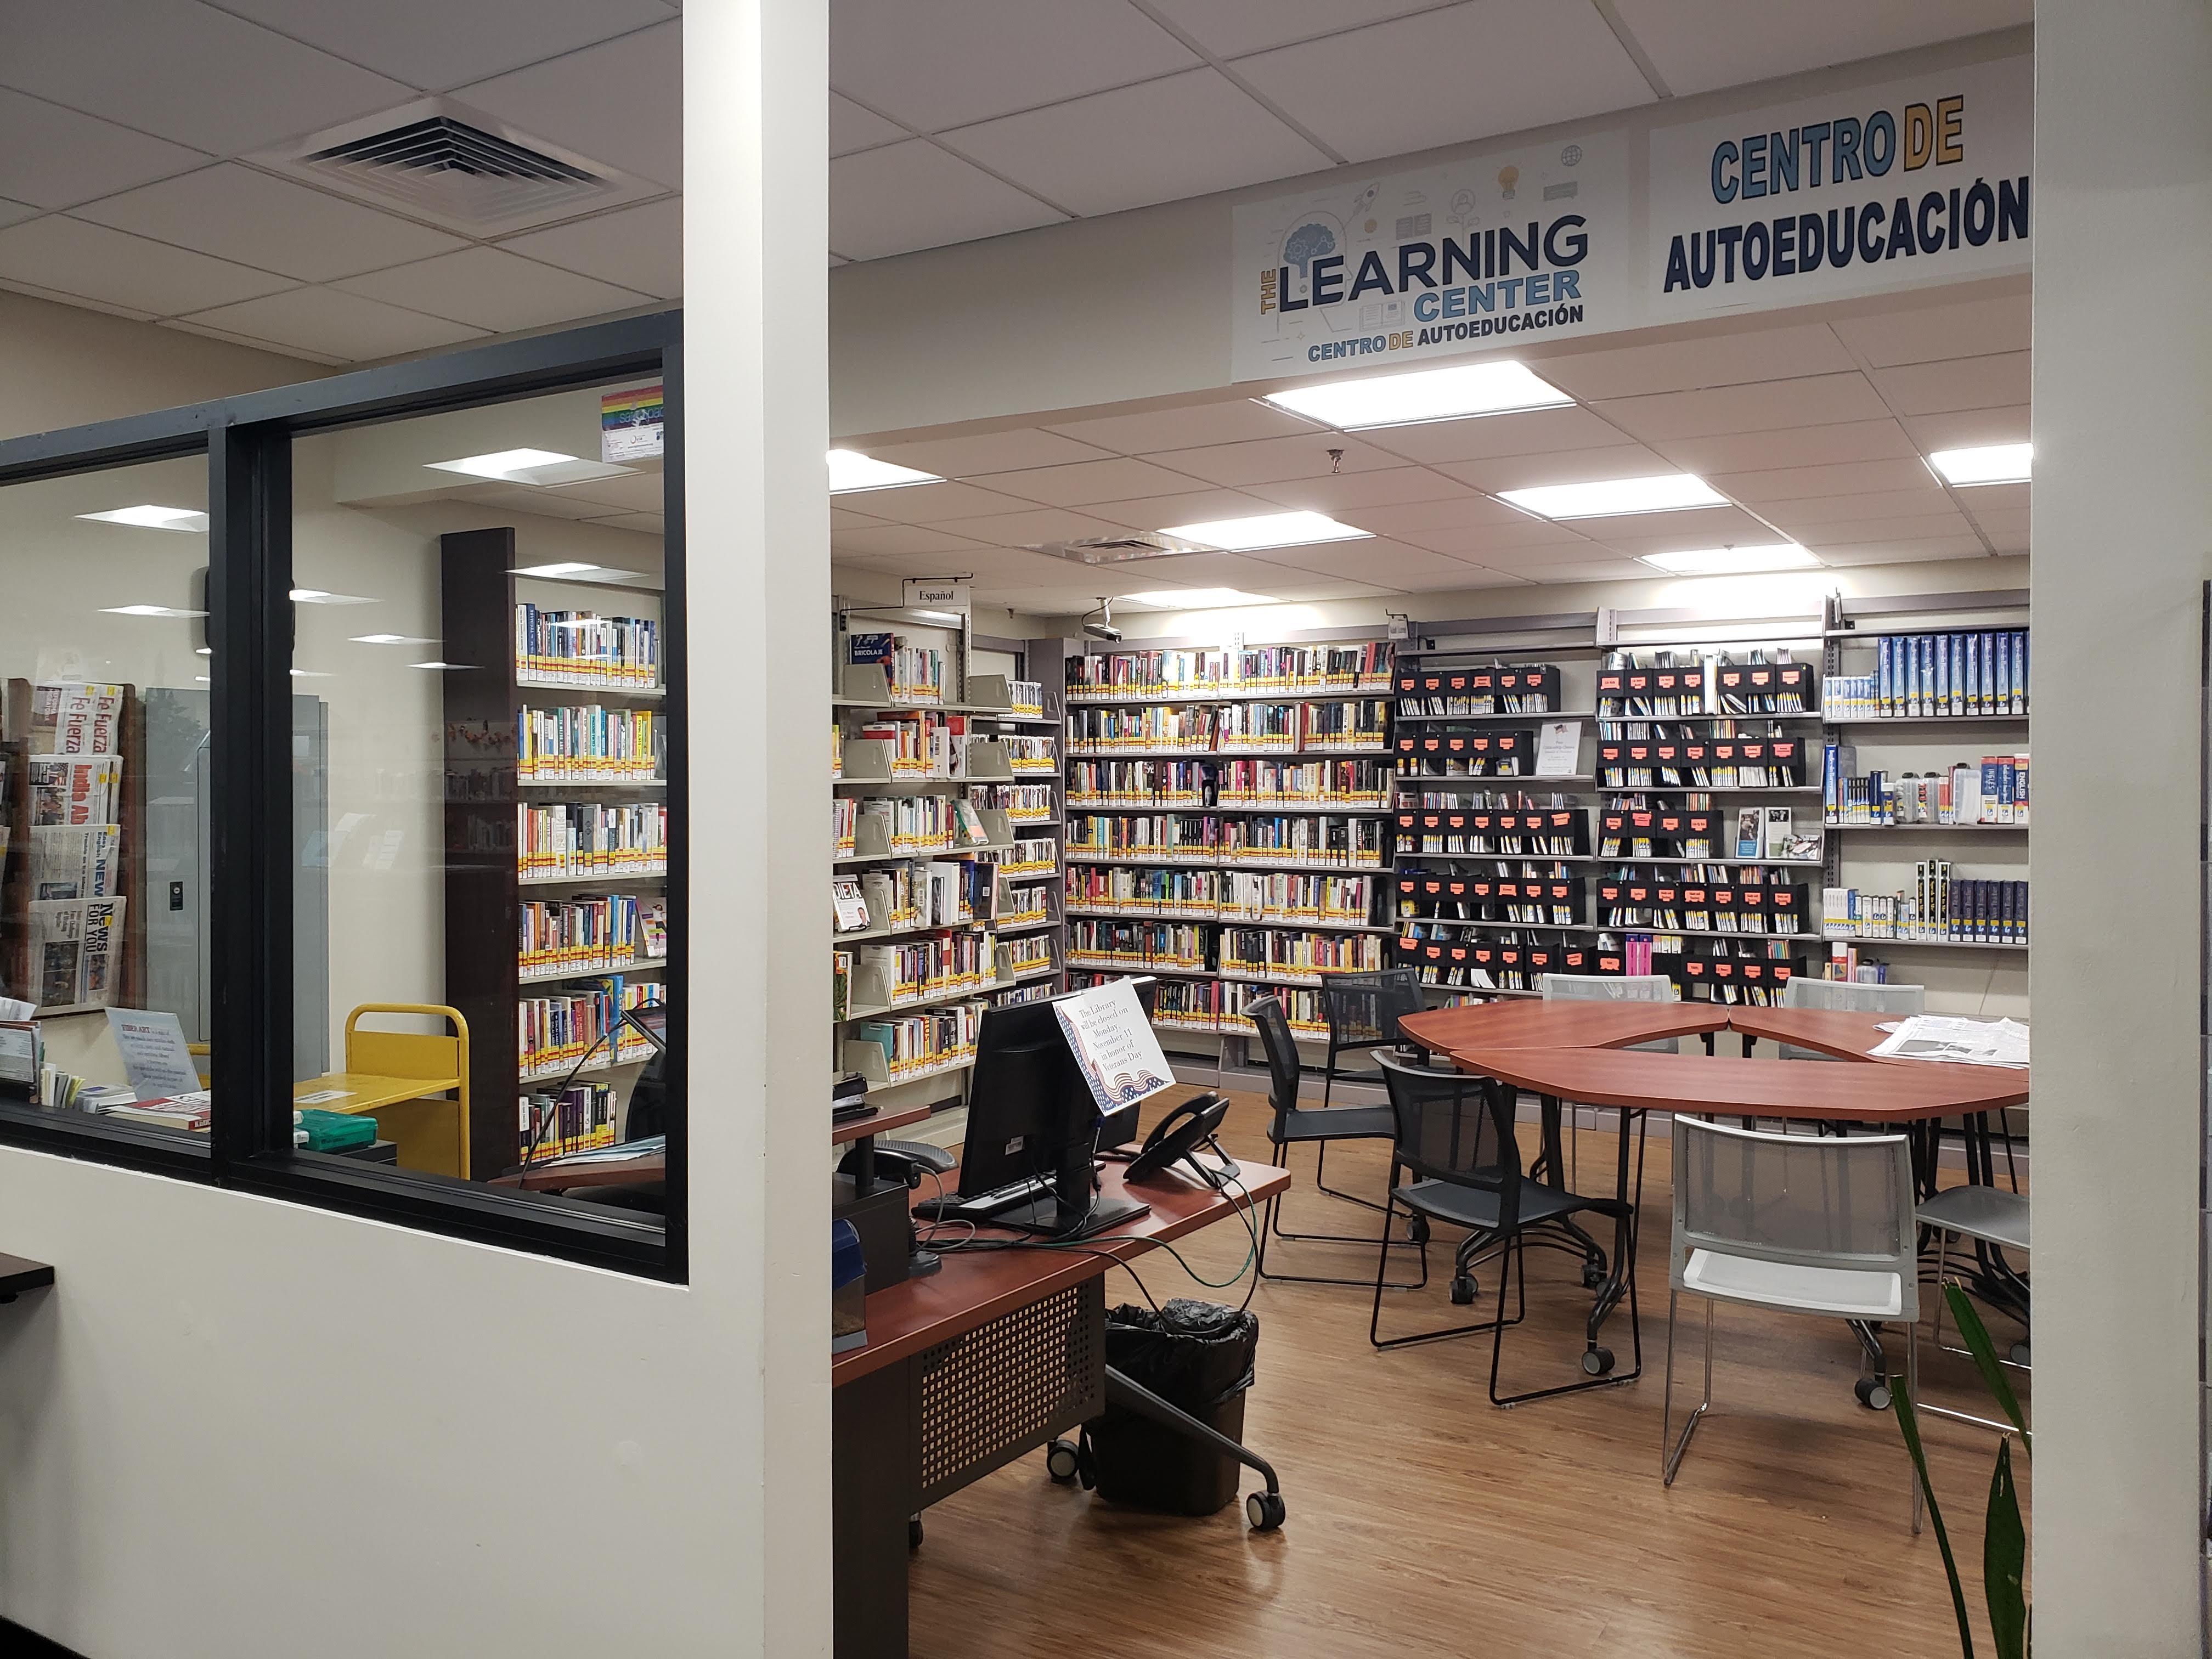 El Centro de Aprendizaje